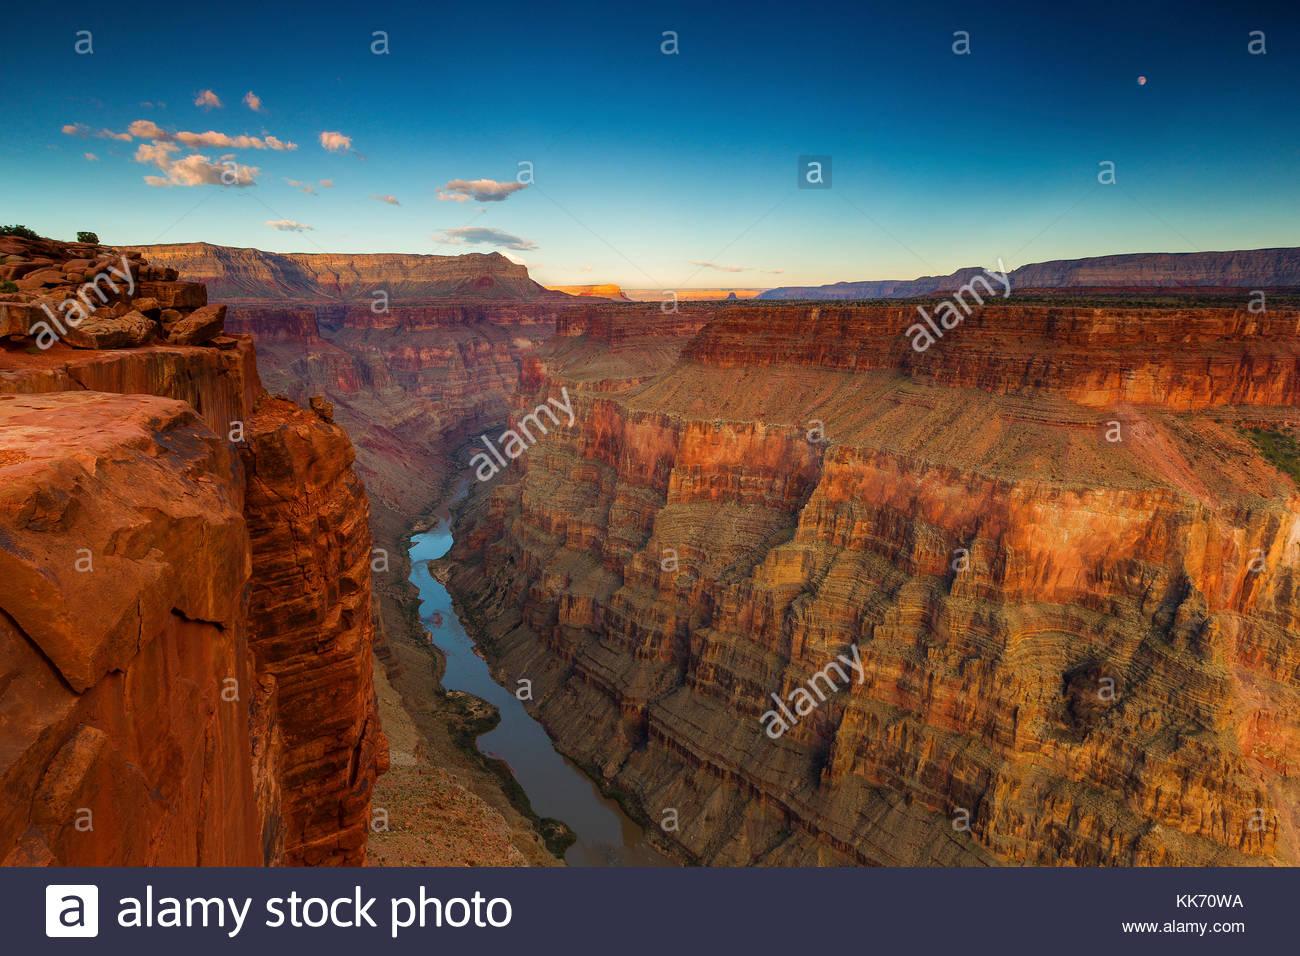 La pleine lune se lève sur le Grand Canyon et la rivière Colorado dans cette vue du Tuweep Toroweap Overlook Photo Stock